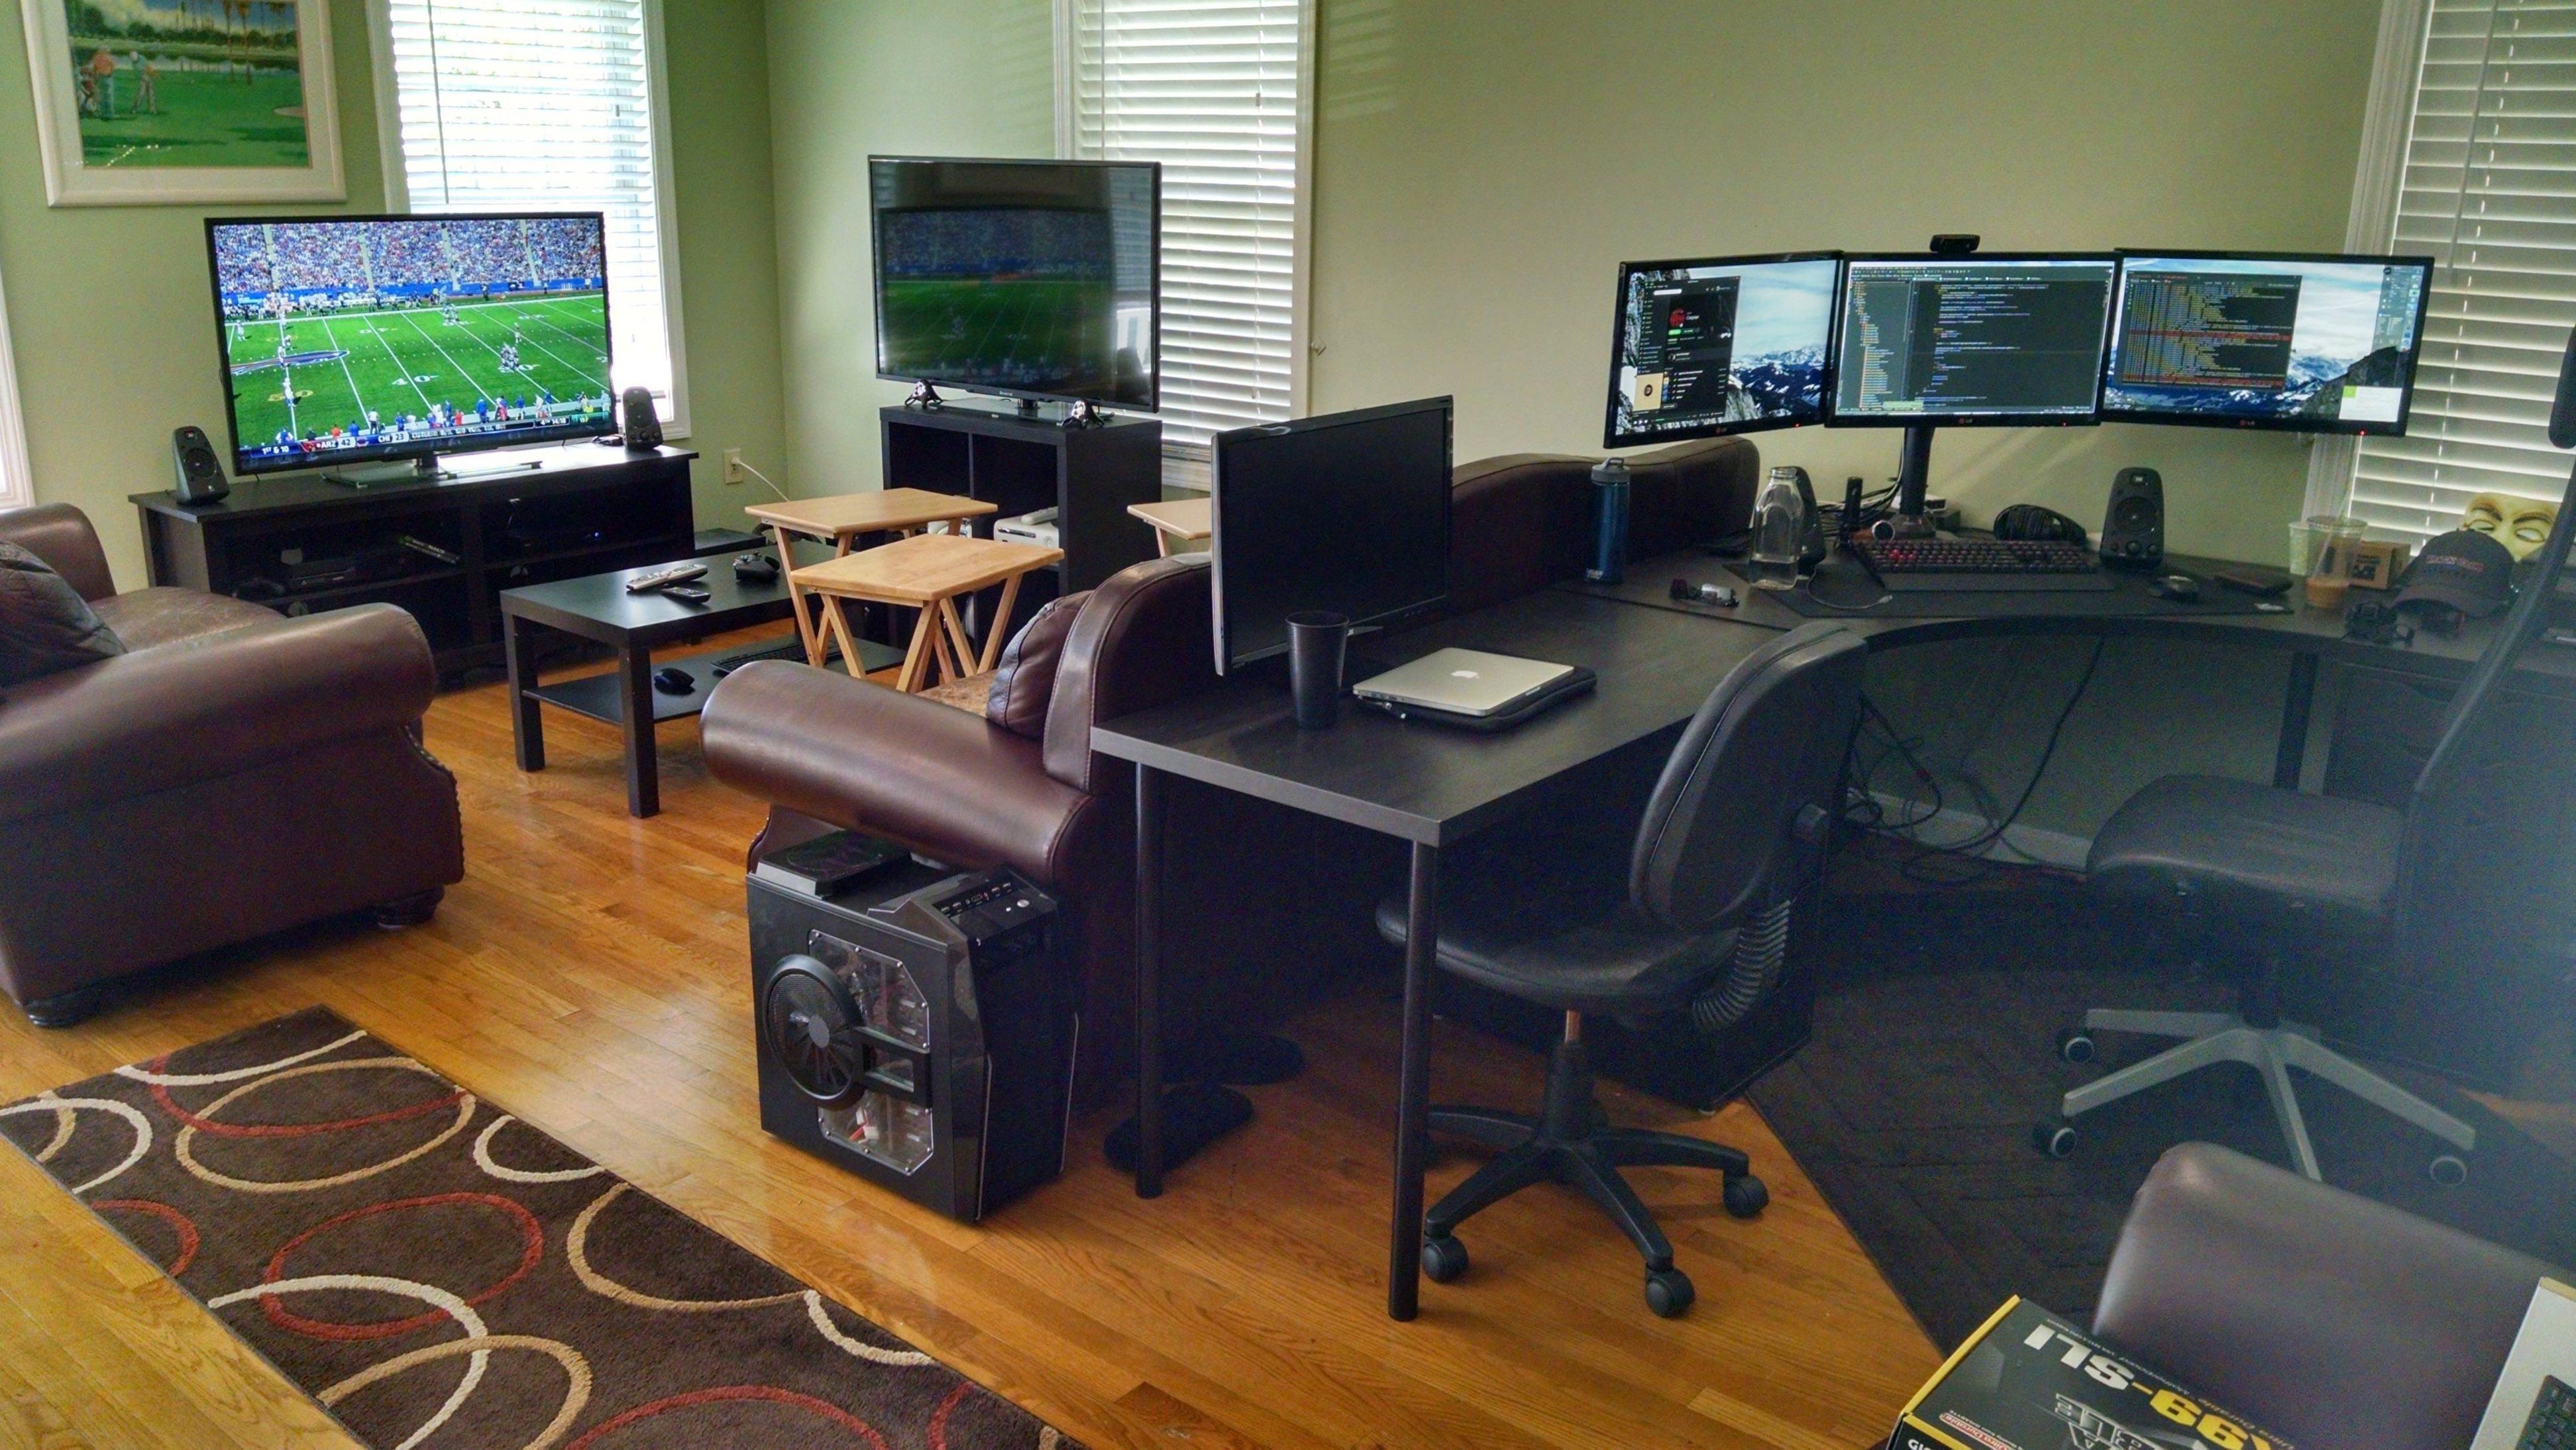 Living Room Battlestation Desk In Living Room Living Room Setup Room Setup